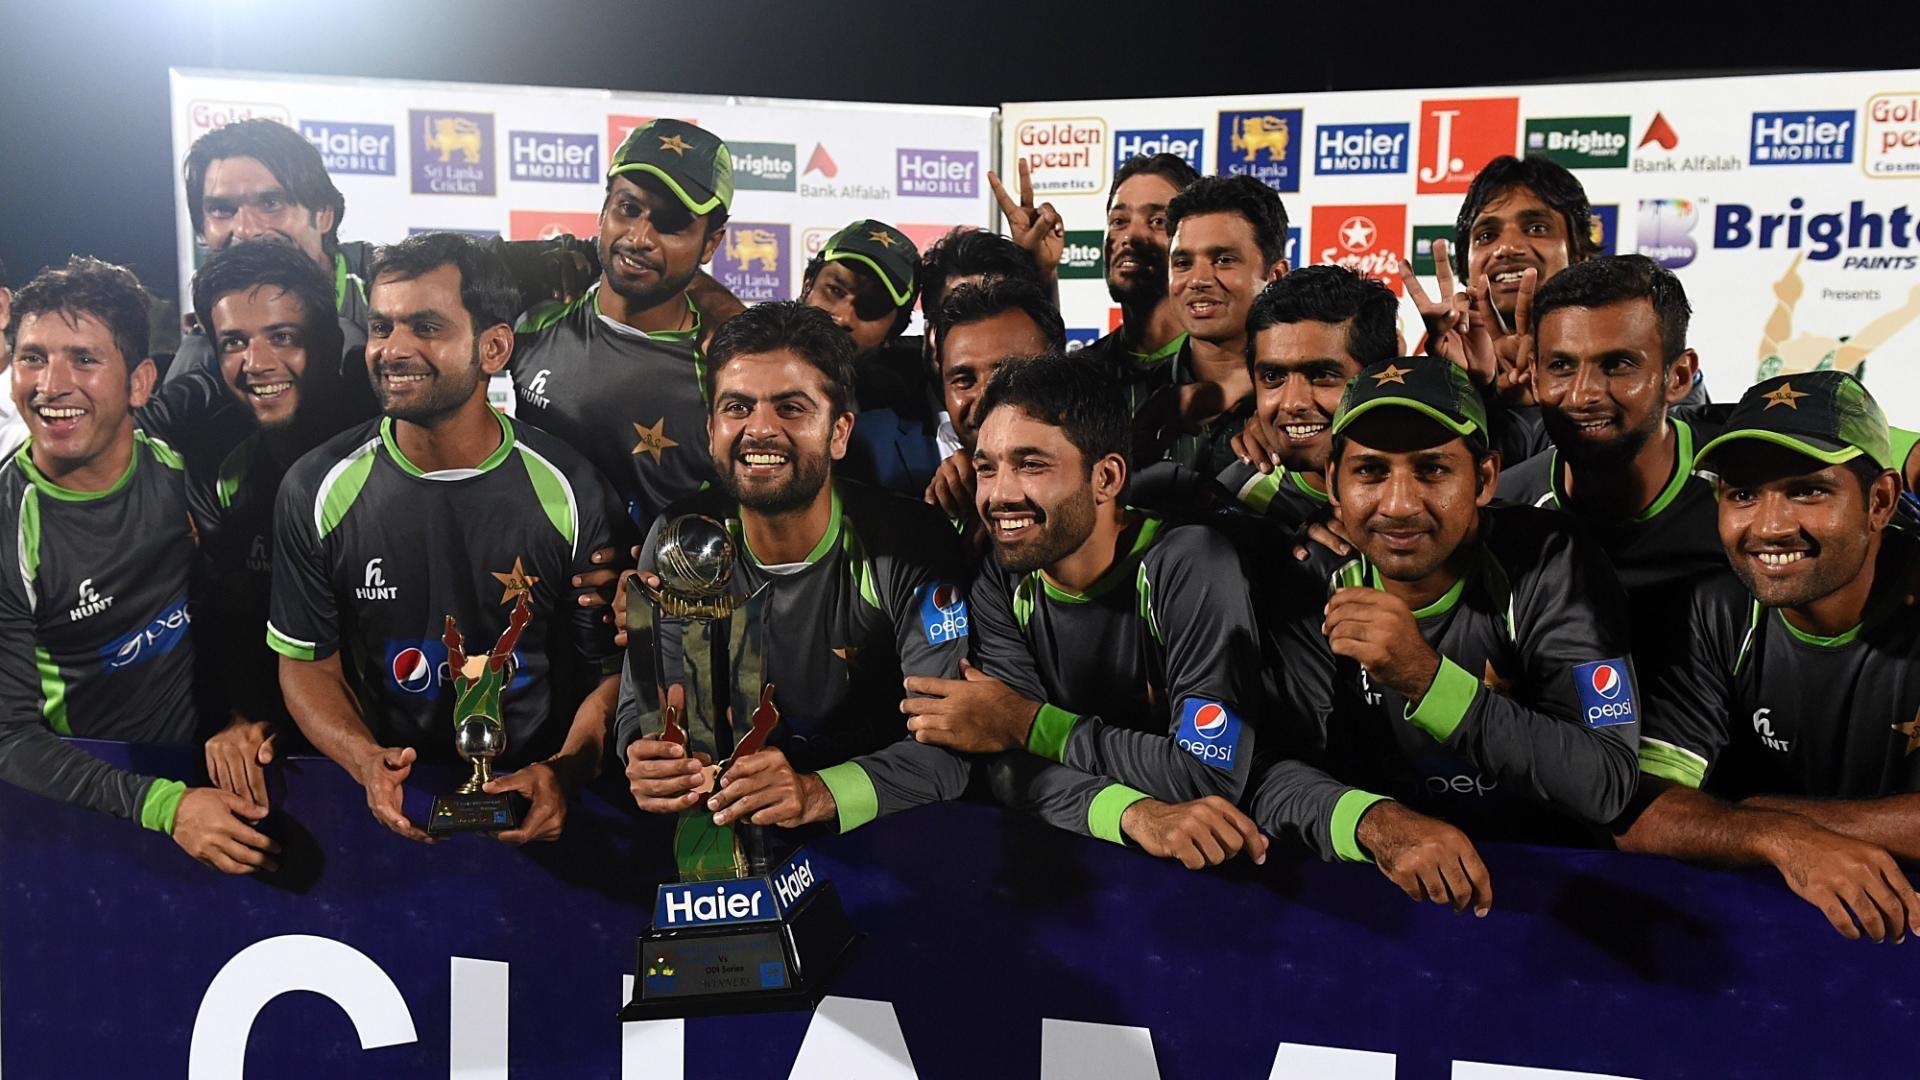 Pakistan team defeated Sri Lanka team